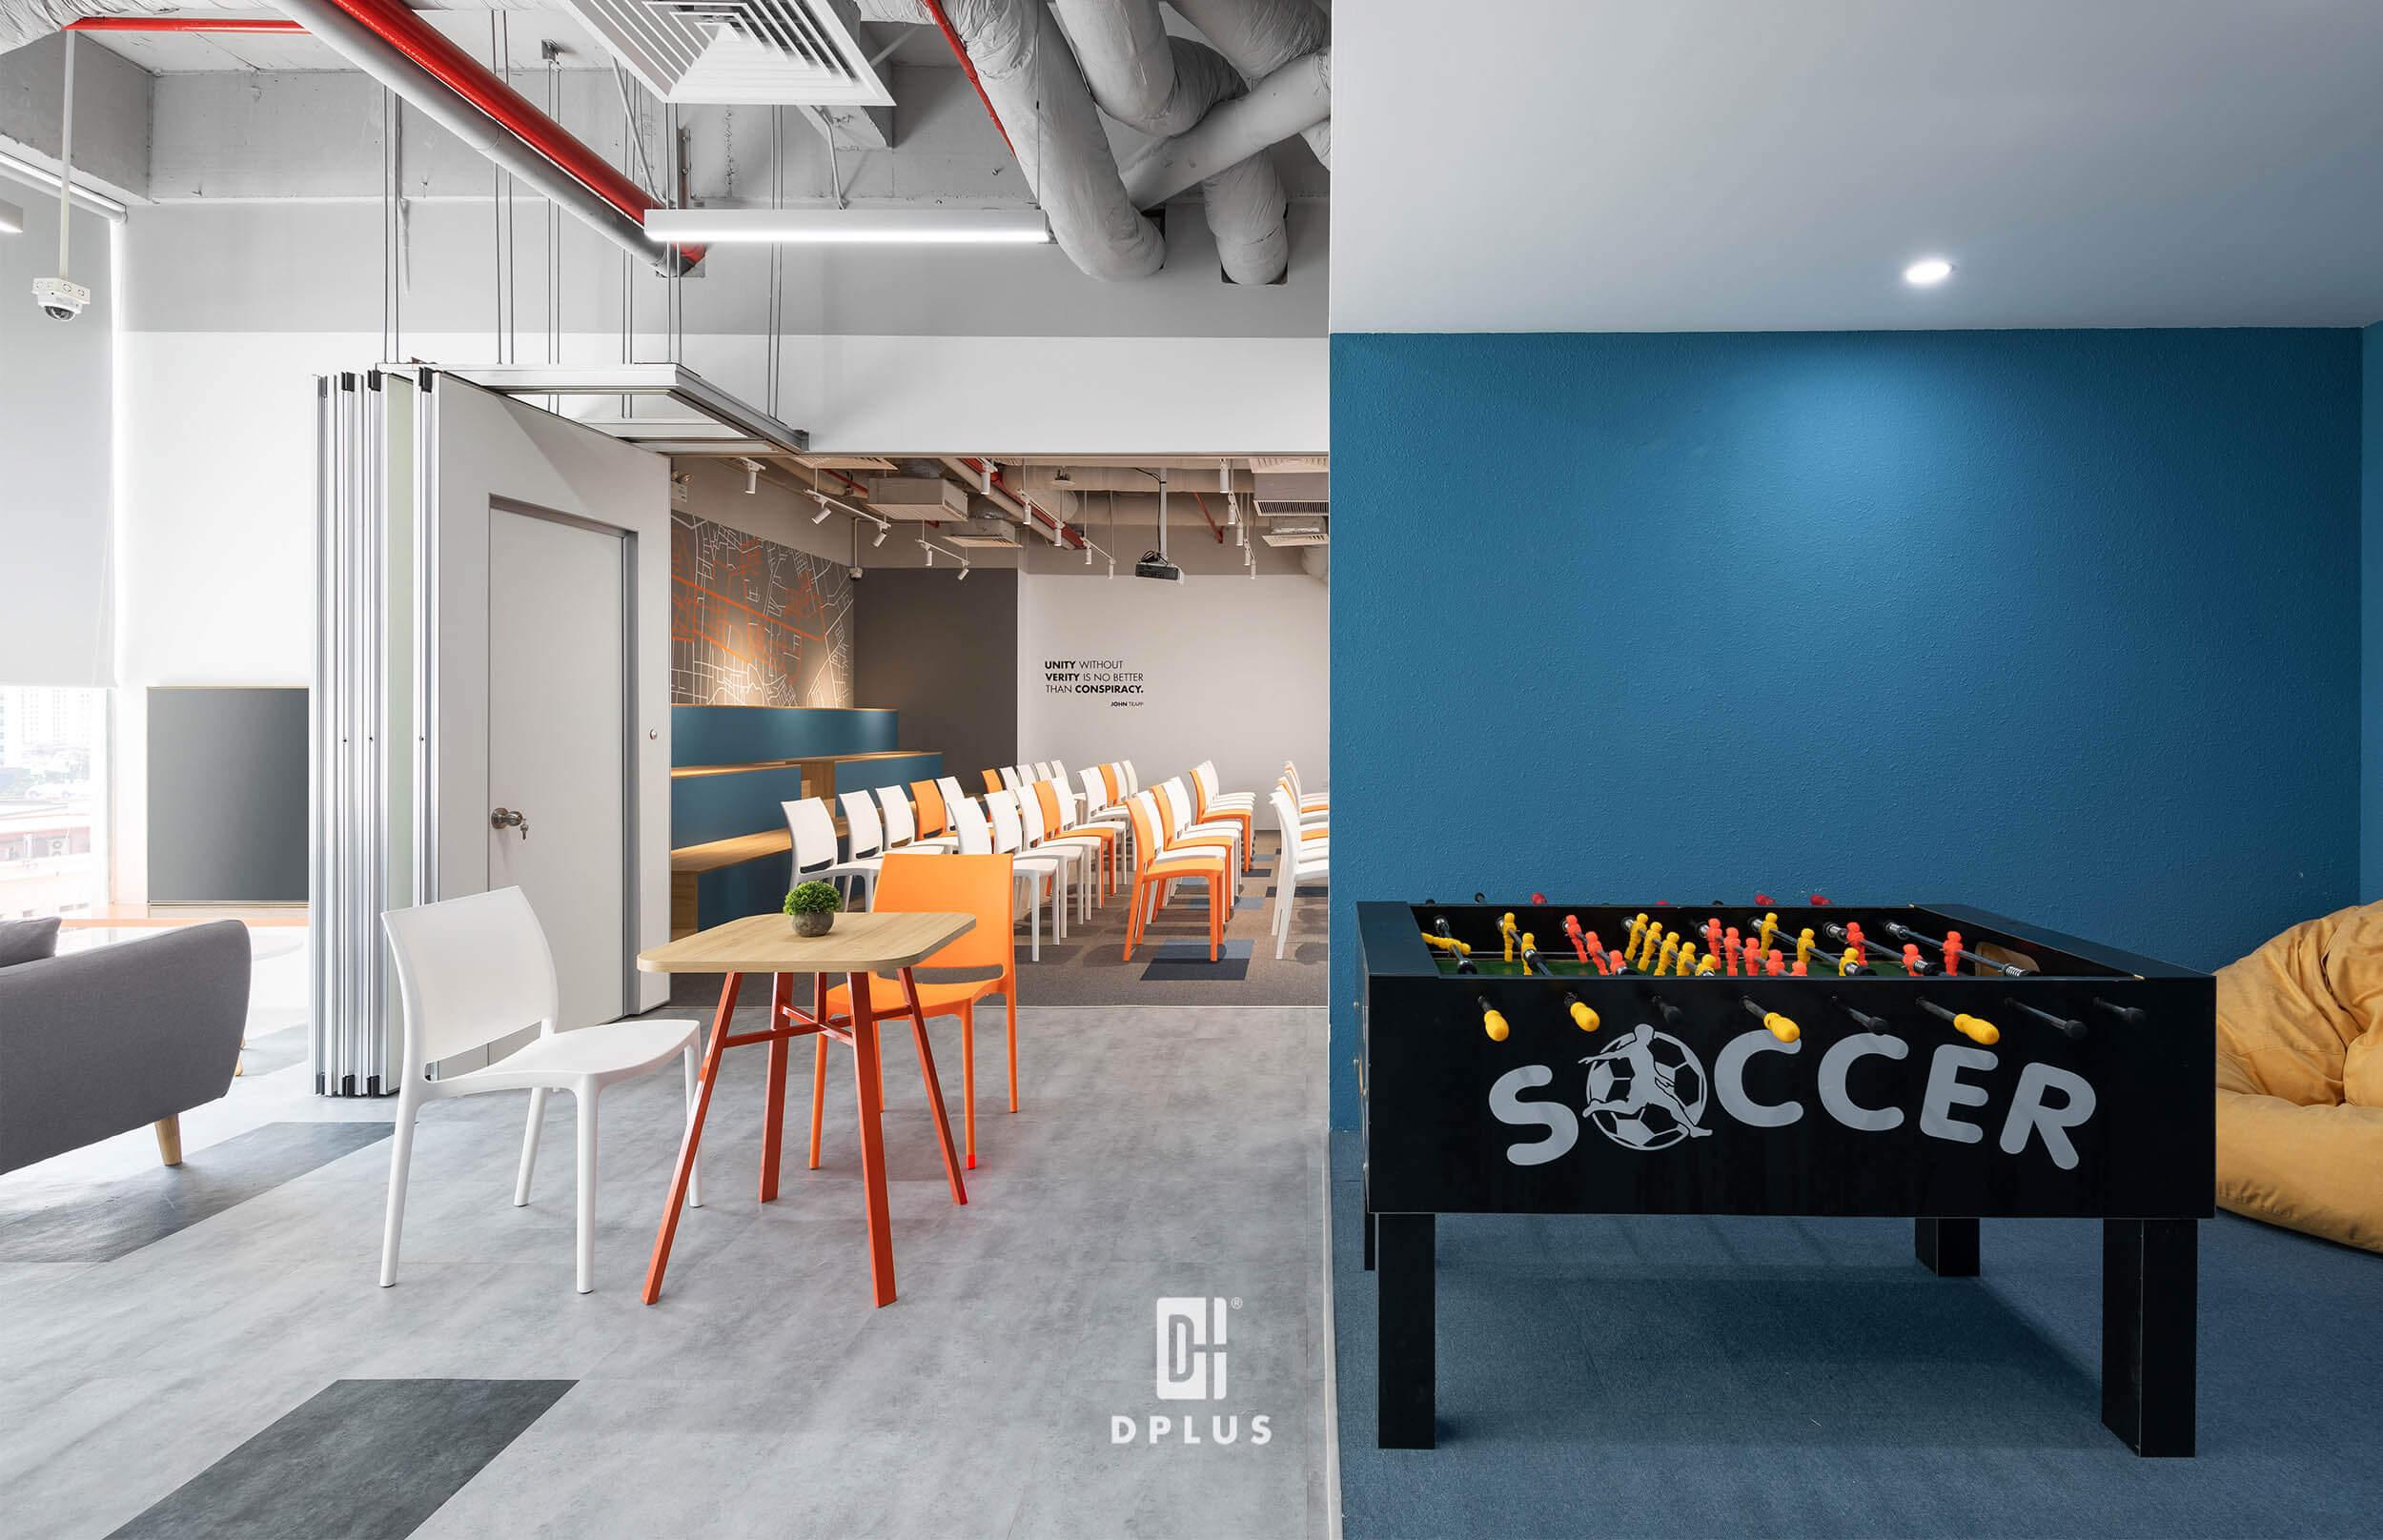 Không gian thư giãn giải trí tại văn phòng công ty DLS với bàn chơi ping pong